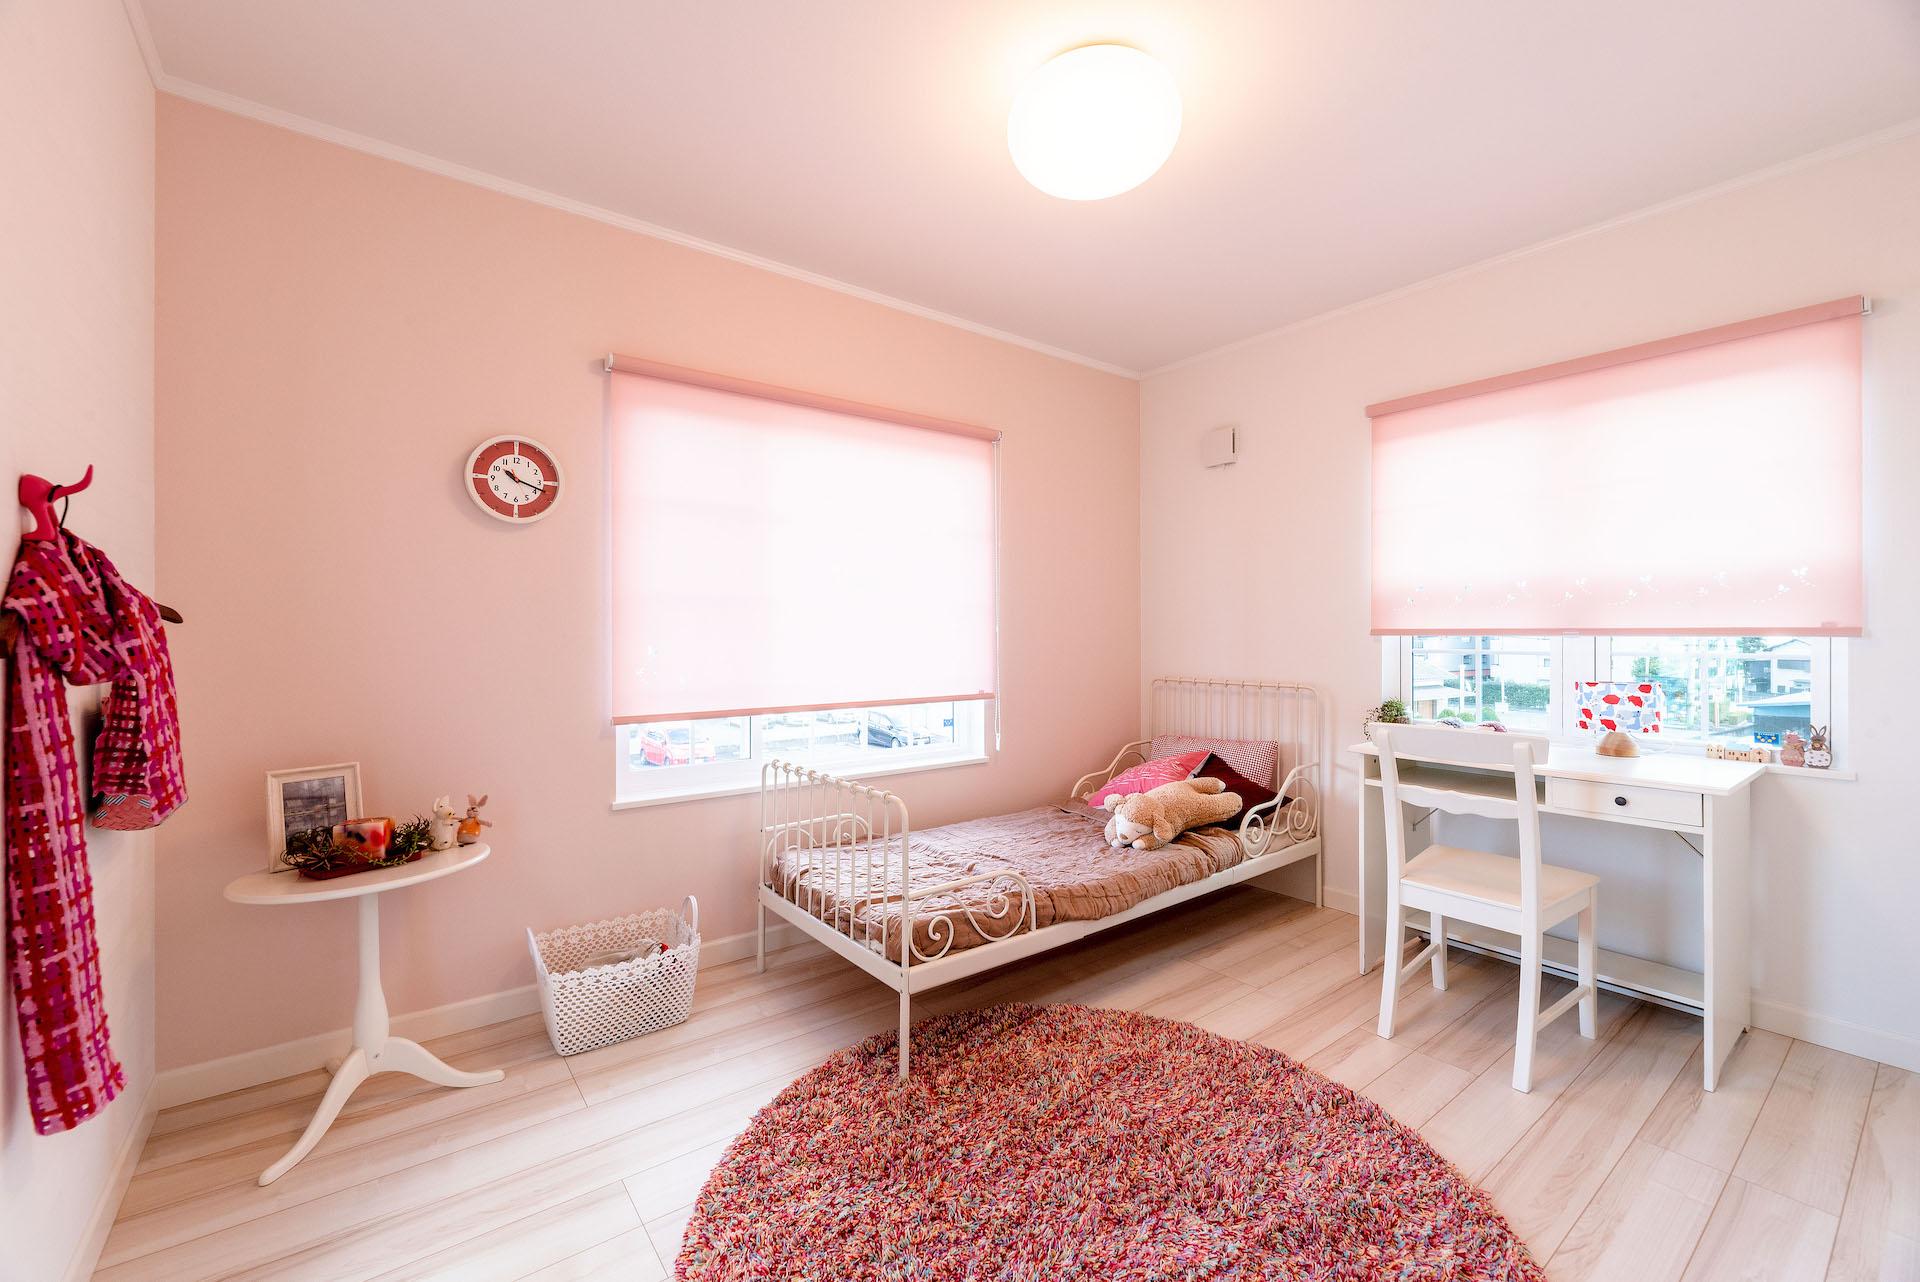 セルコホーム三島 西田工務店【駿東郡清水町久米田128・モデルハウス】白とピンクを基調とした女の子のイメージが可愛い子ども部屋